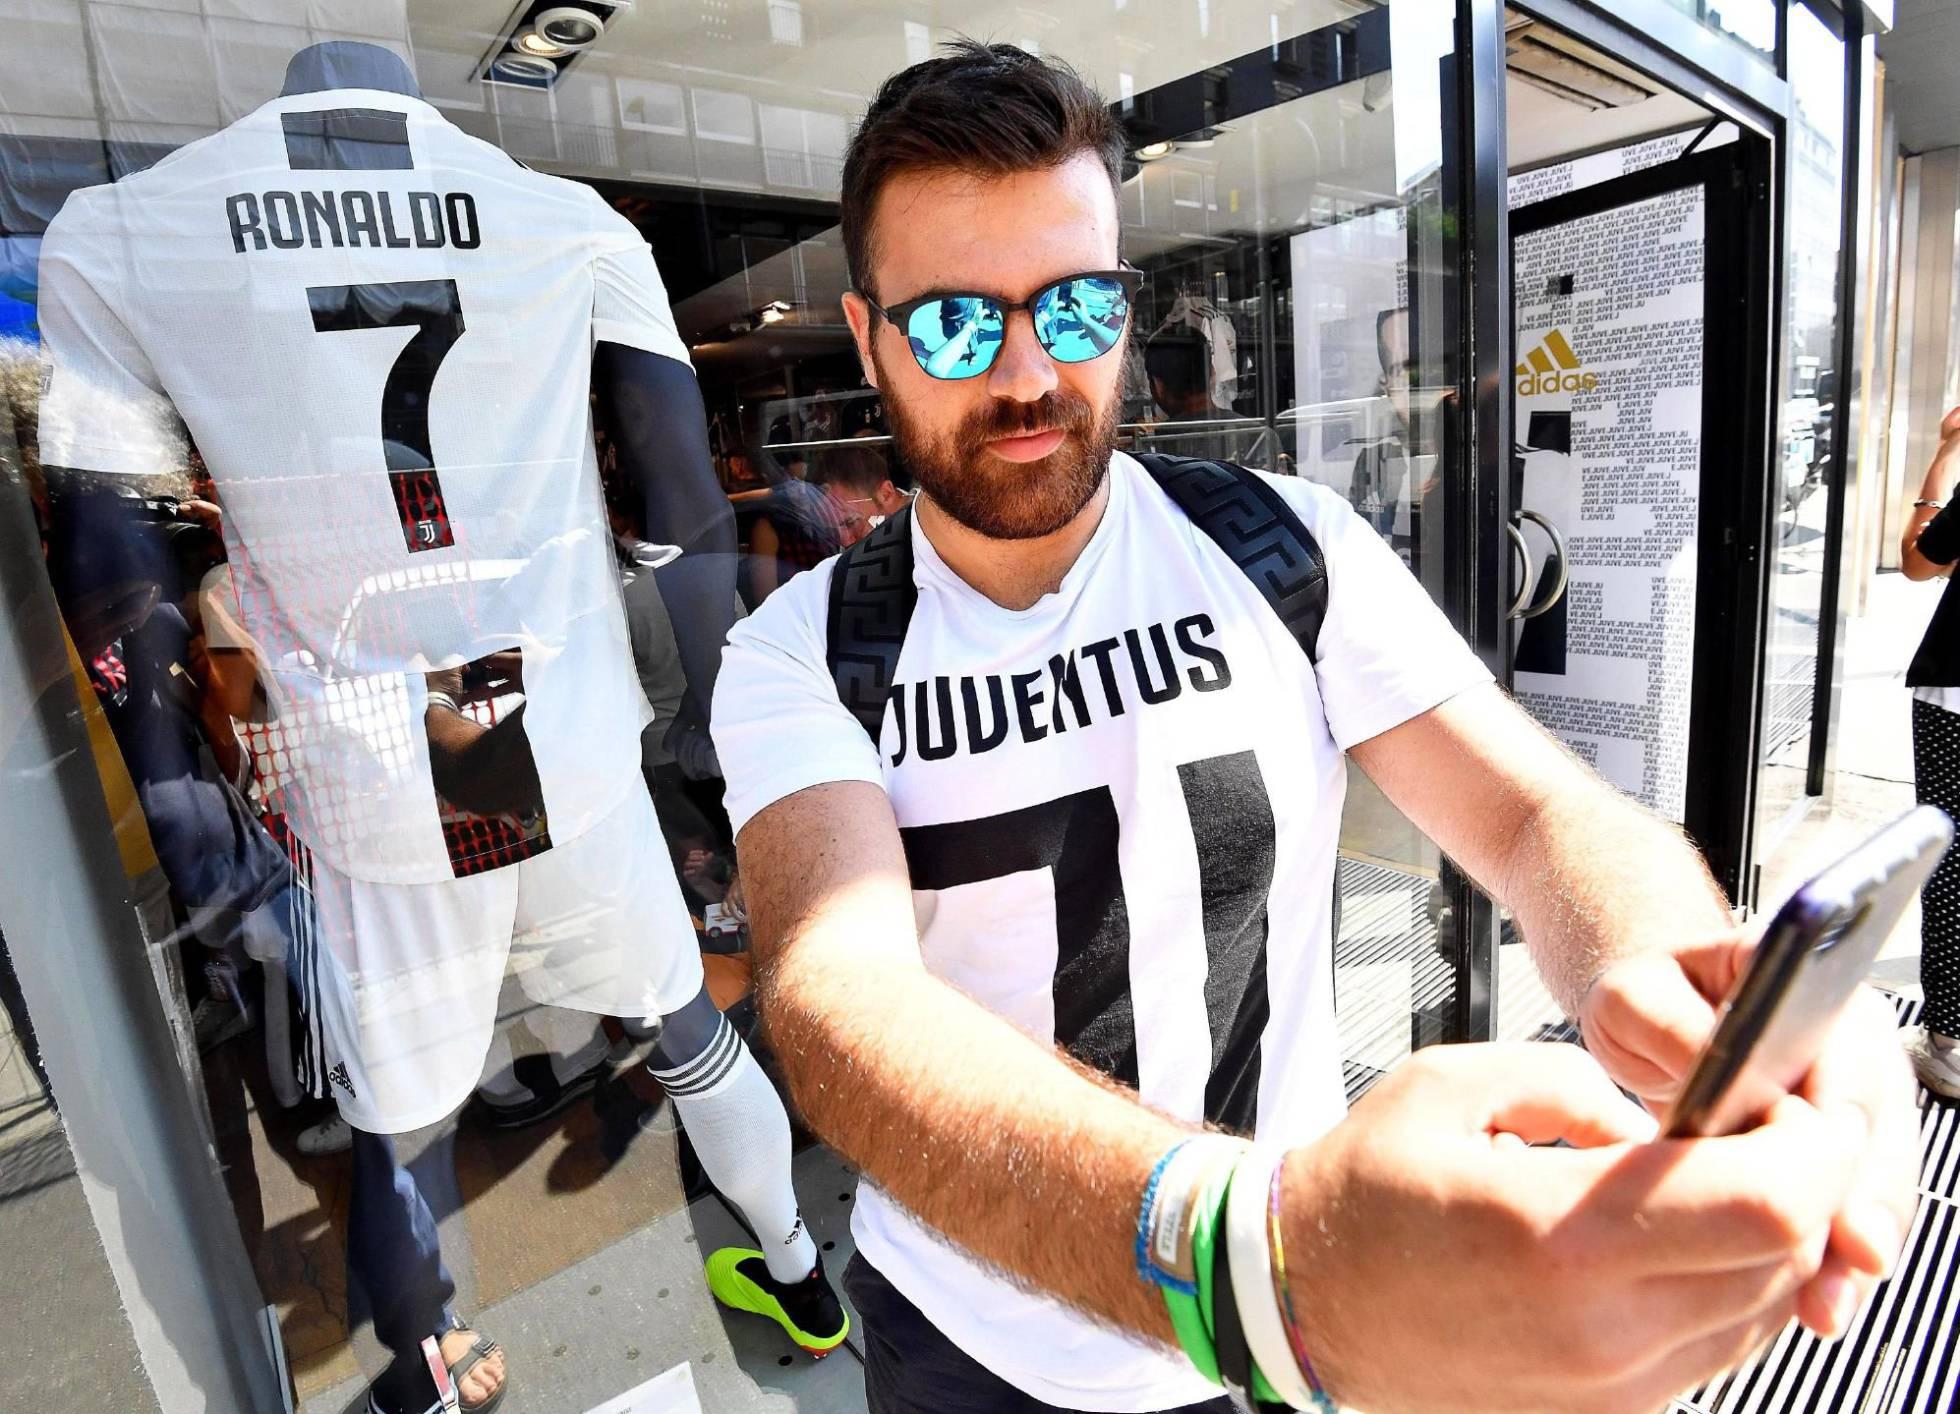 Los trabajadores de una fábrica de Fiat, en huelga por el fichaje de Cristiano Ronaldo